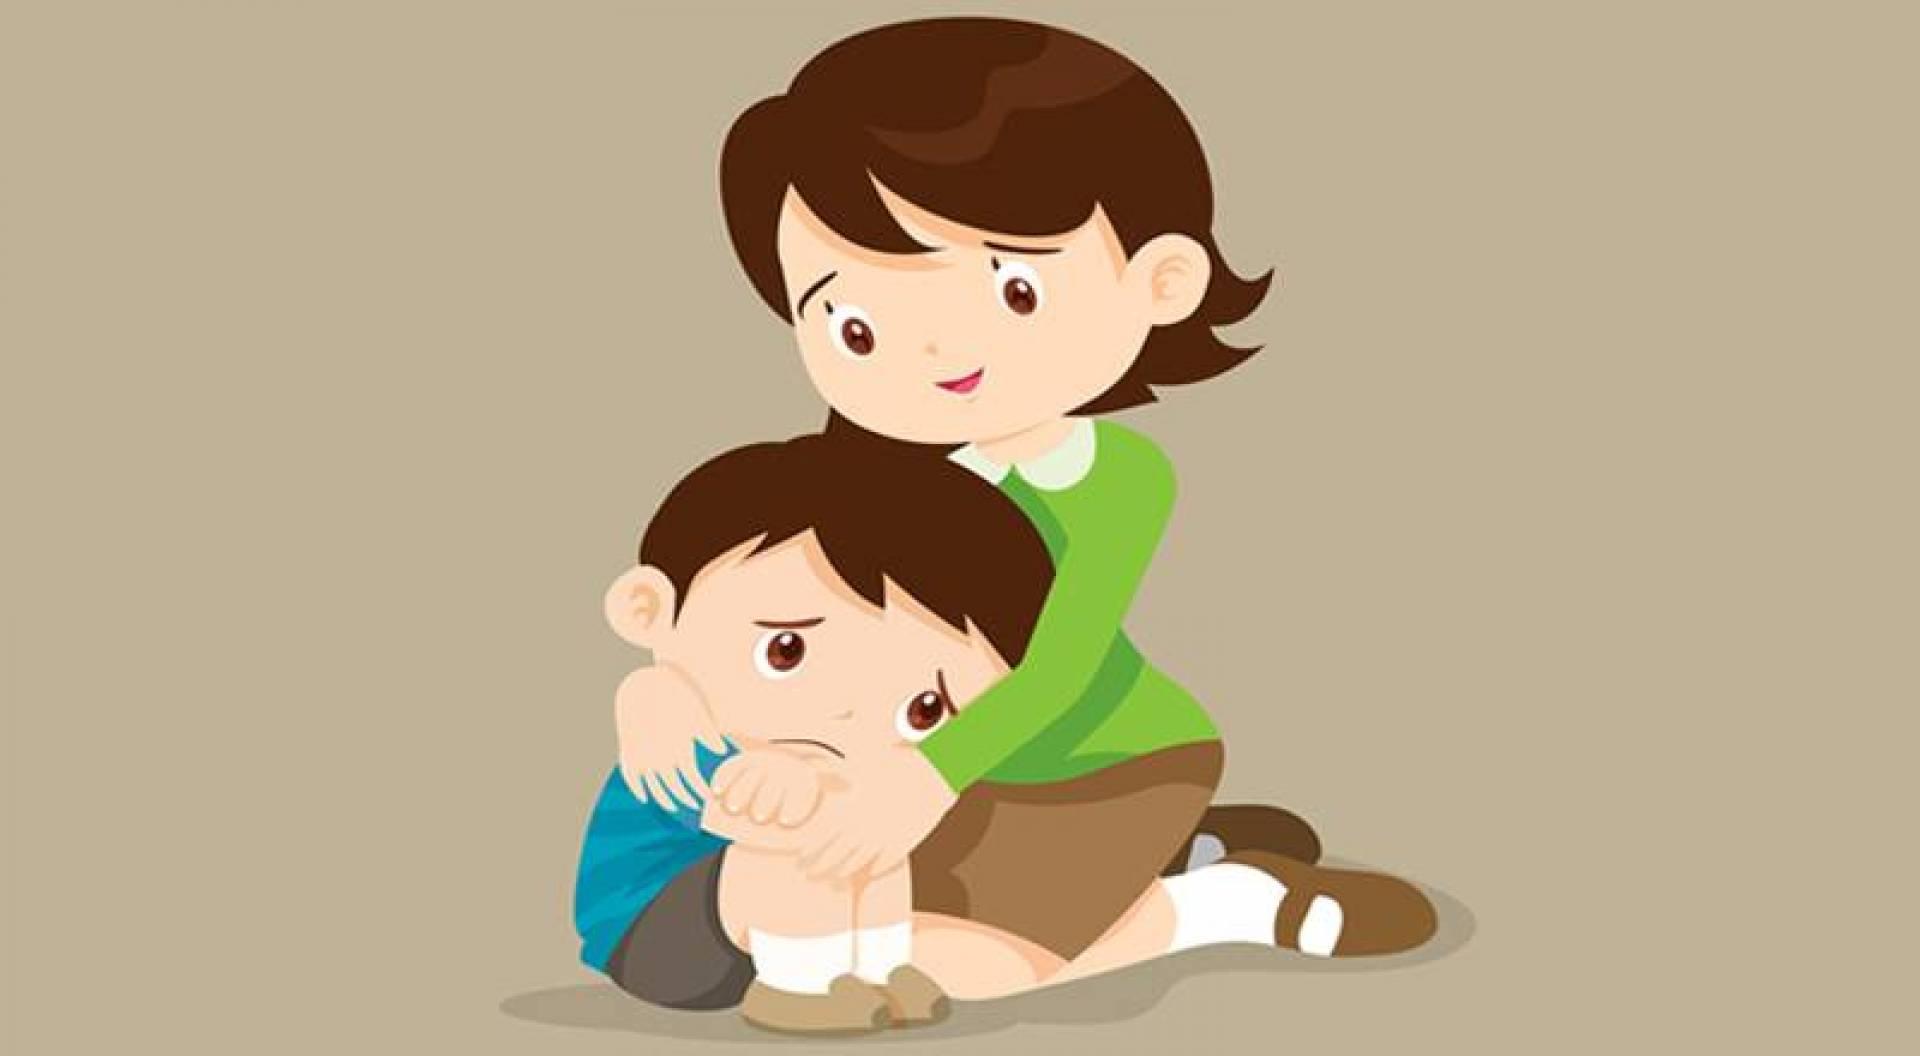 انتبهوا لأطفالكم.. فالحجر المنزلي قد يضرهم نفسياً